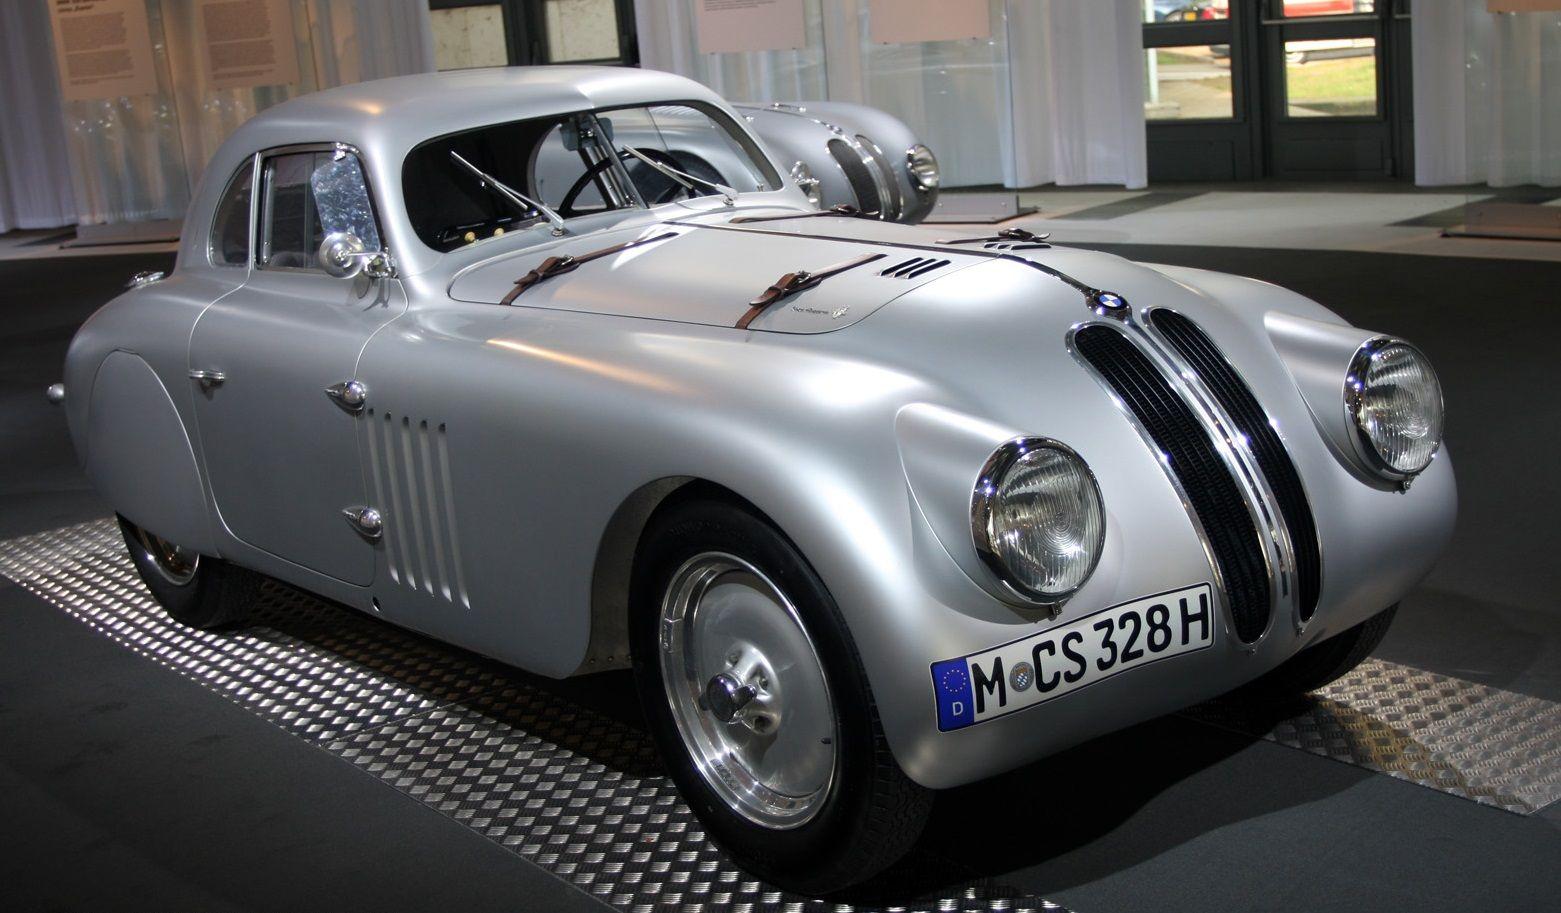 1939 BMW 328 Mille Miglia Touring Coupe | Autos - BMW | Pinterest ...